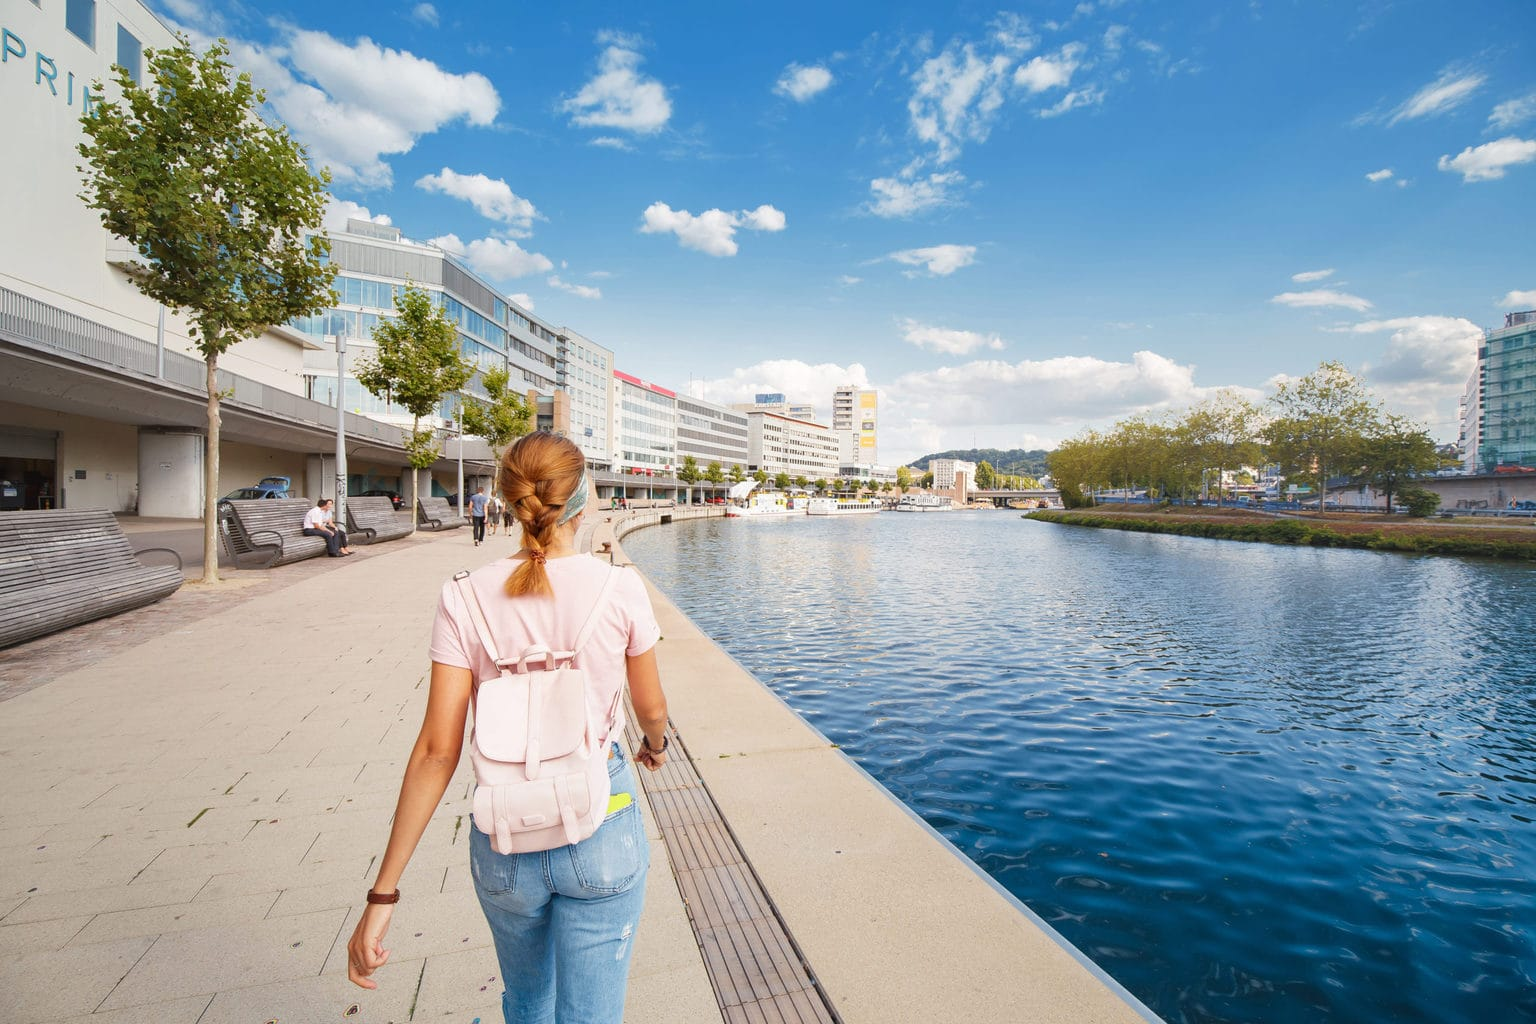 Een vrouw wandelt langs de oevers van de Saar in Saarbrücken